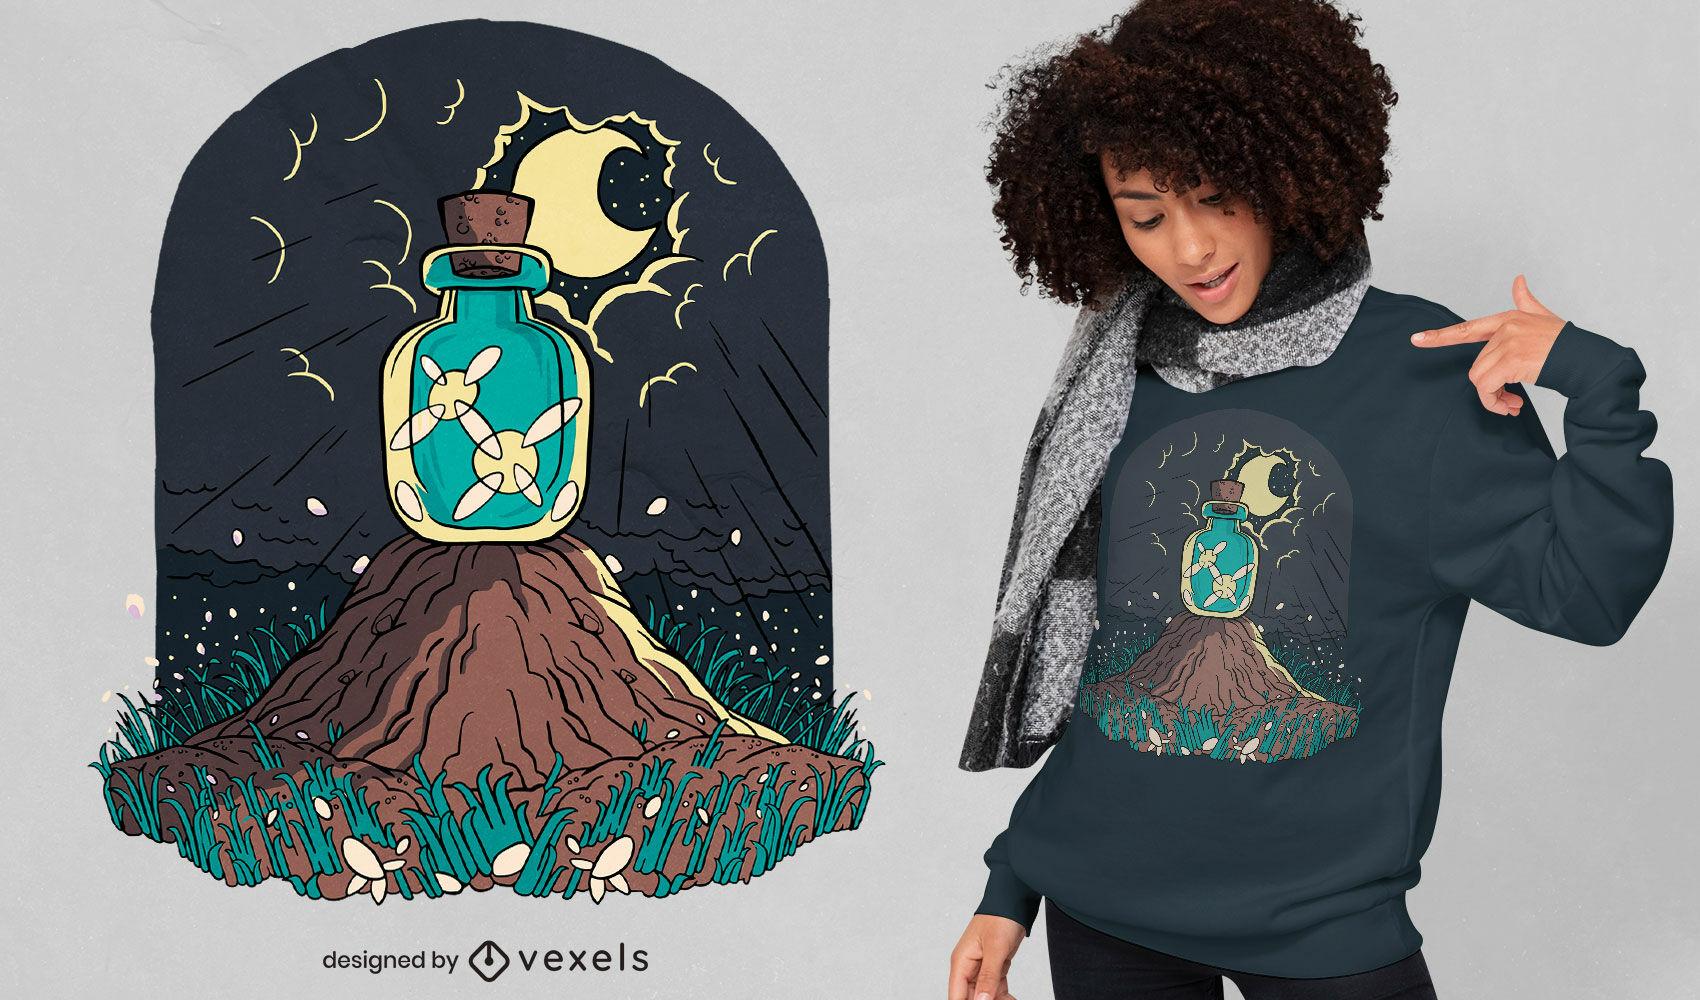 Lights in jar nature t-shirt design